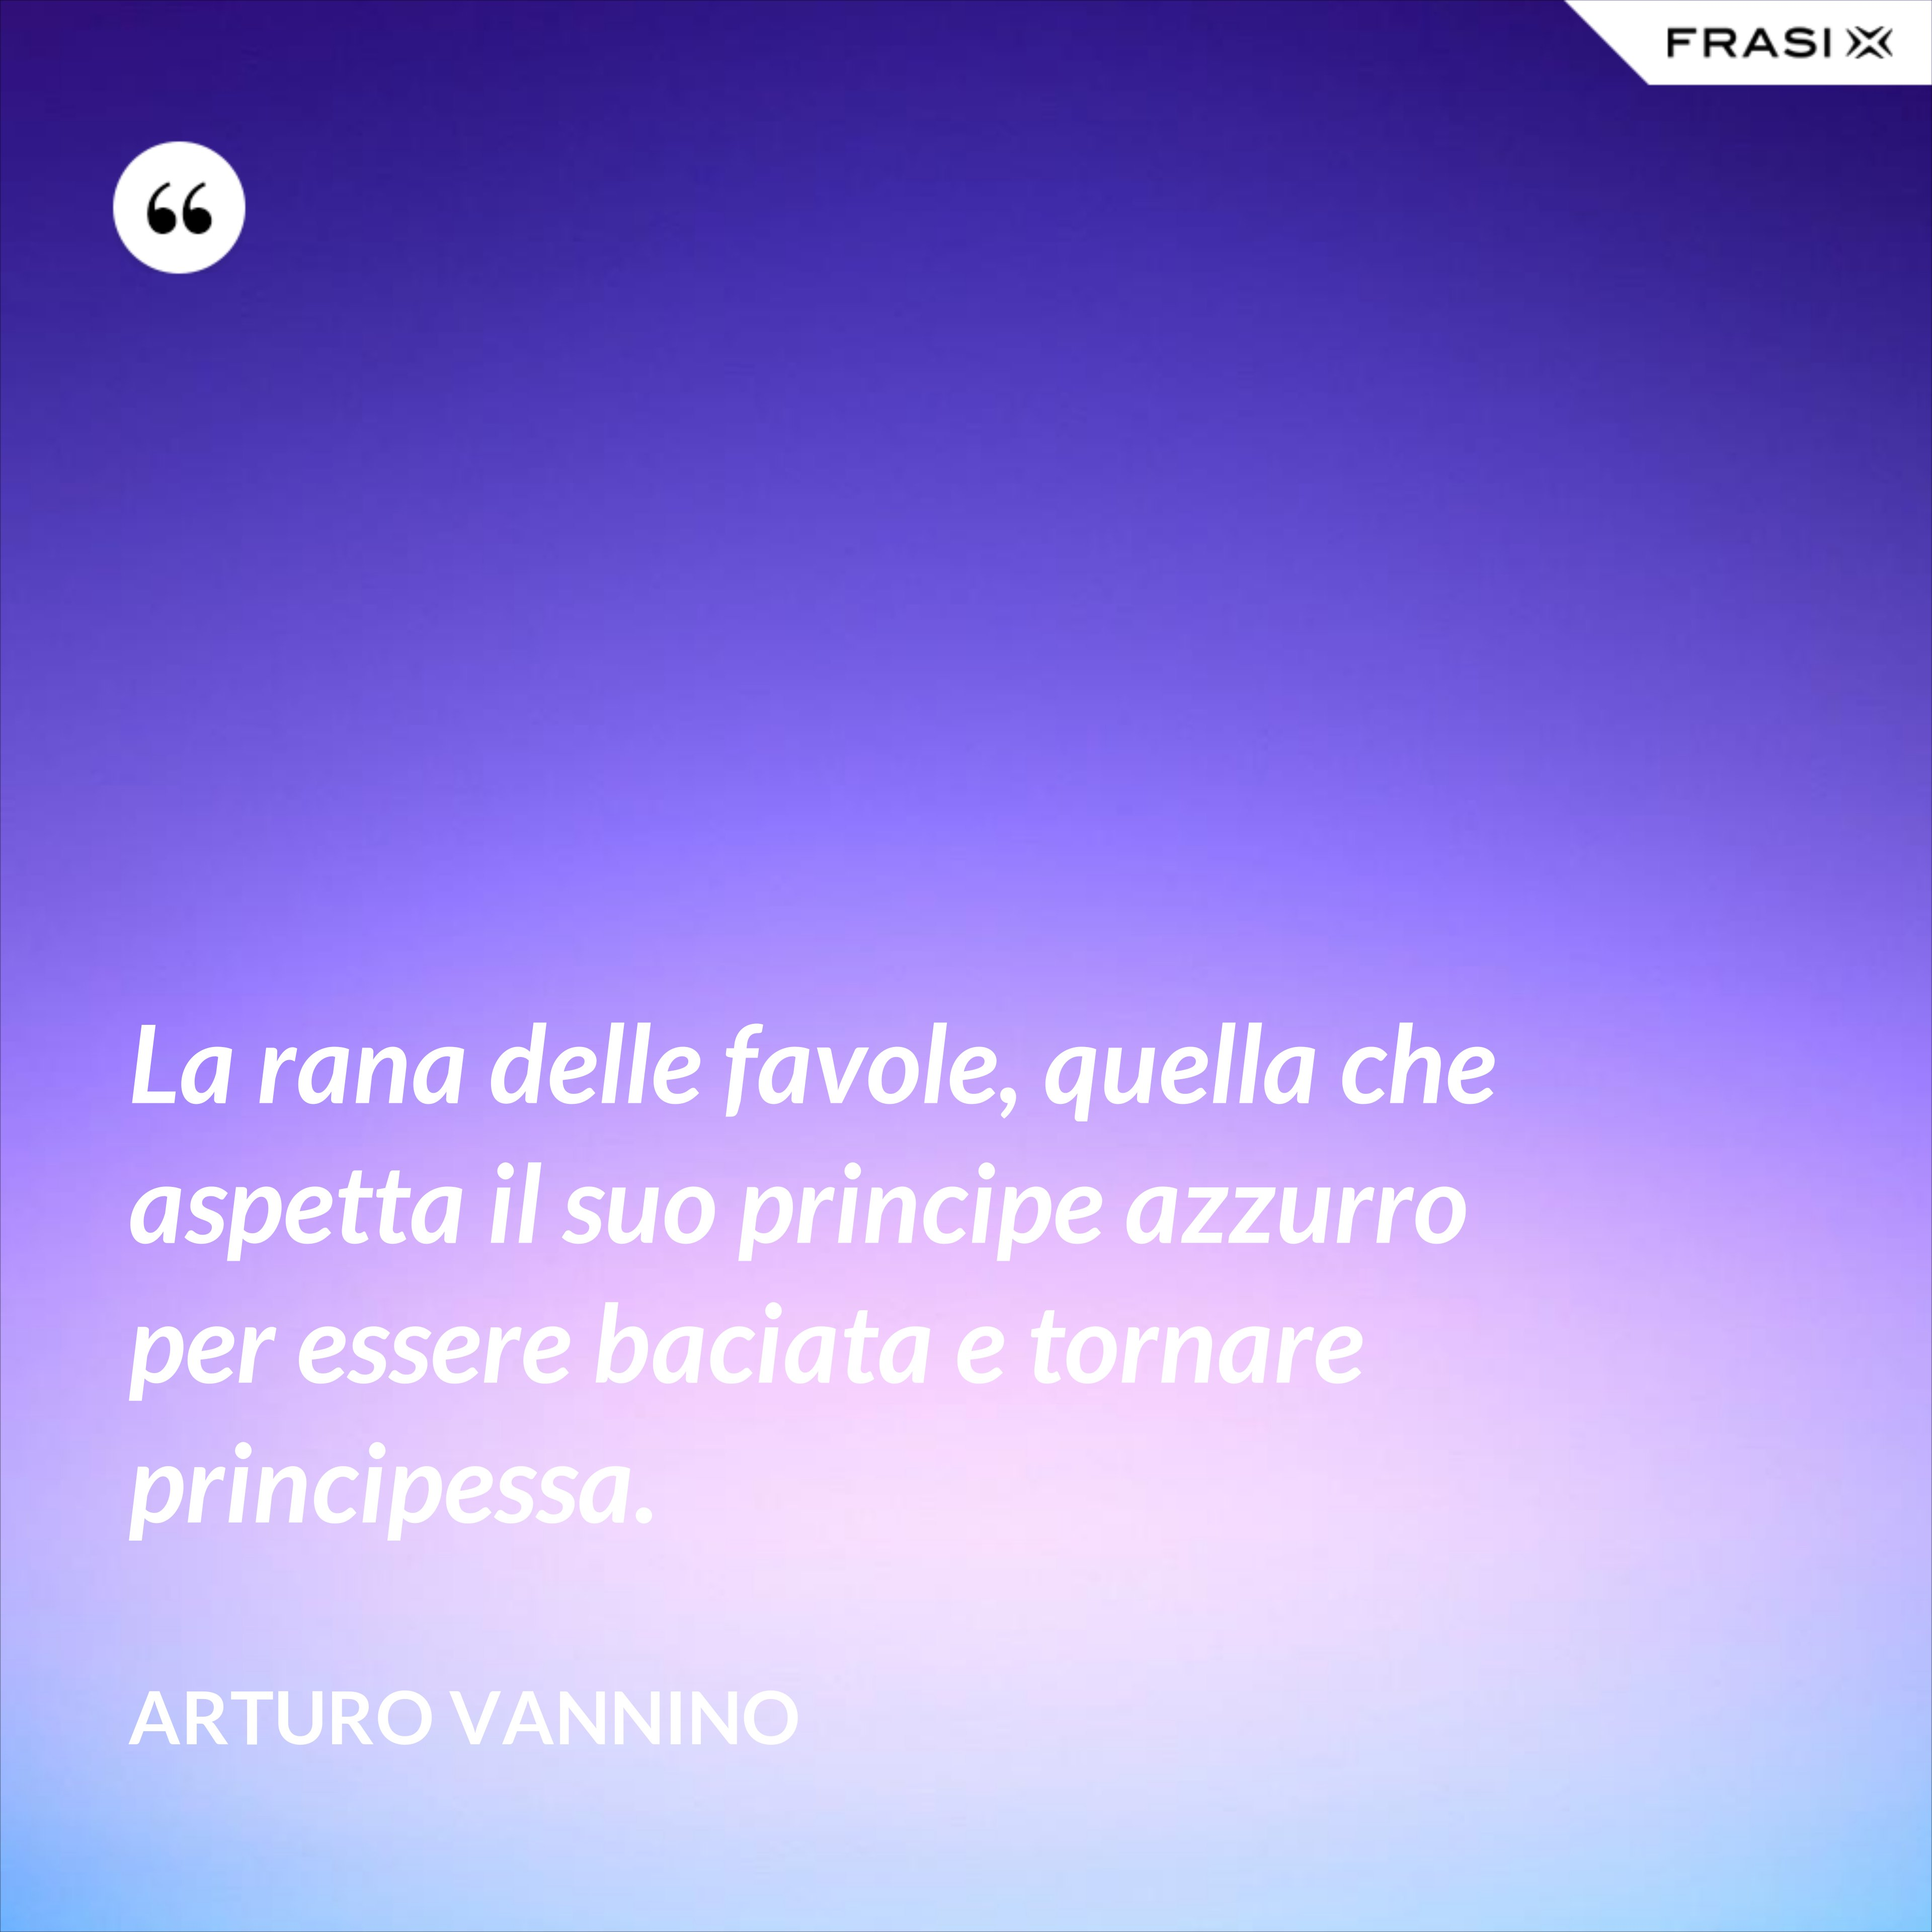 La rana delle favole, quella che aspetta il suo principe azzurro per essere baciata e tornare principessa. - Arturo Vannino